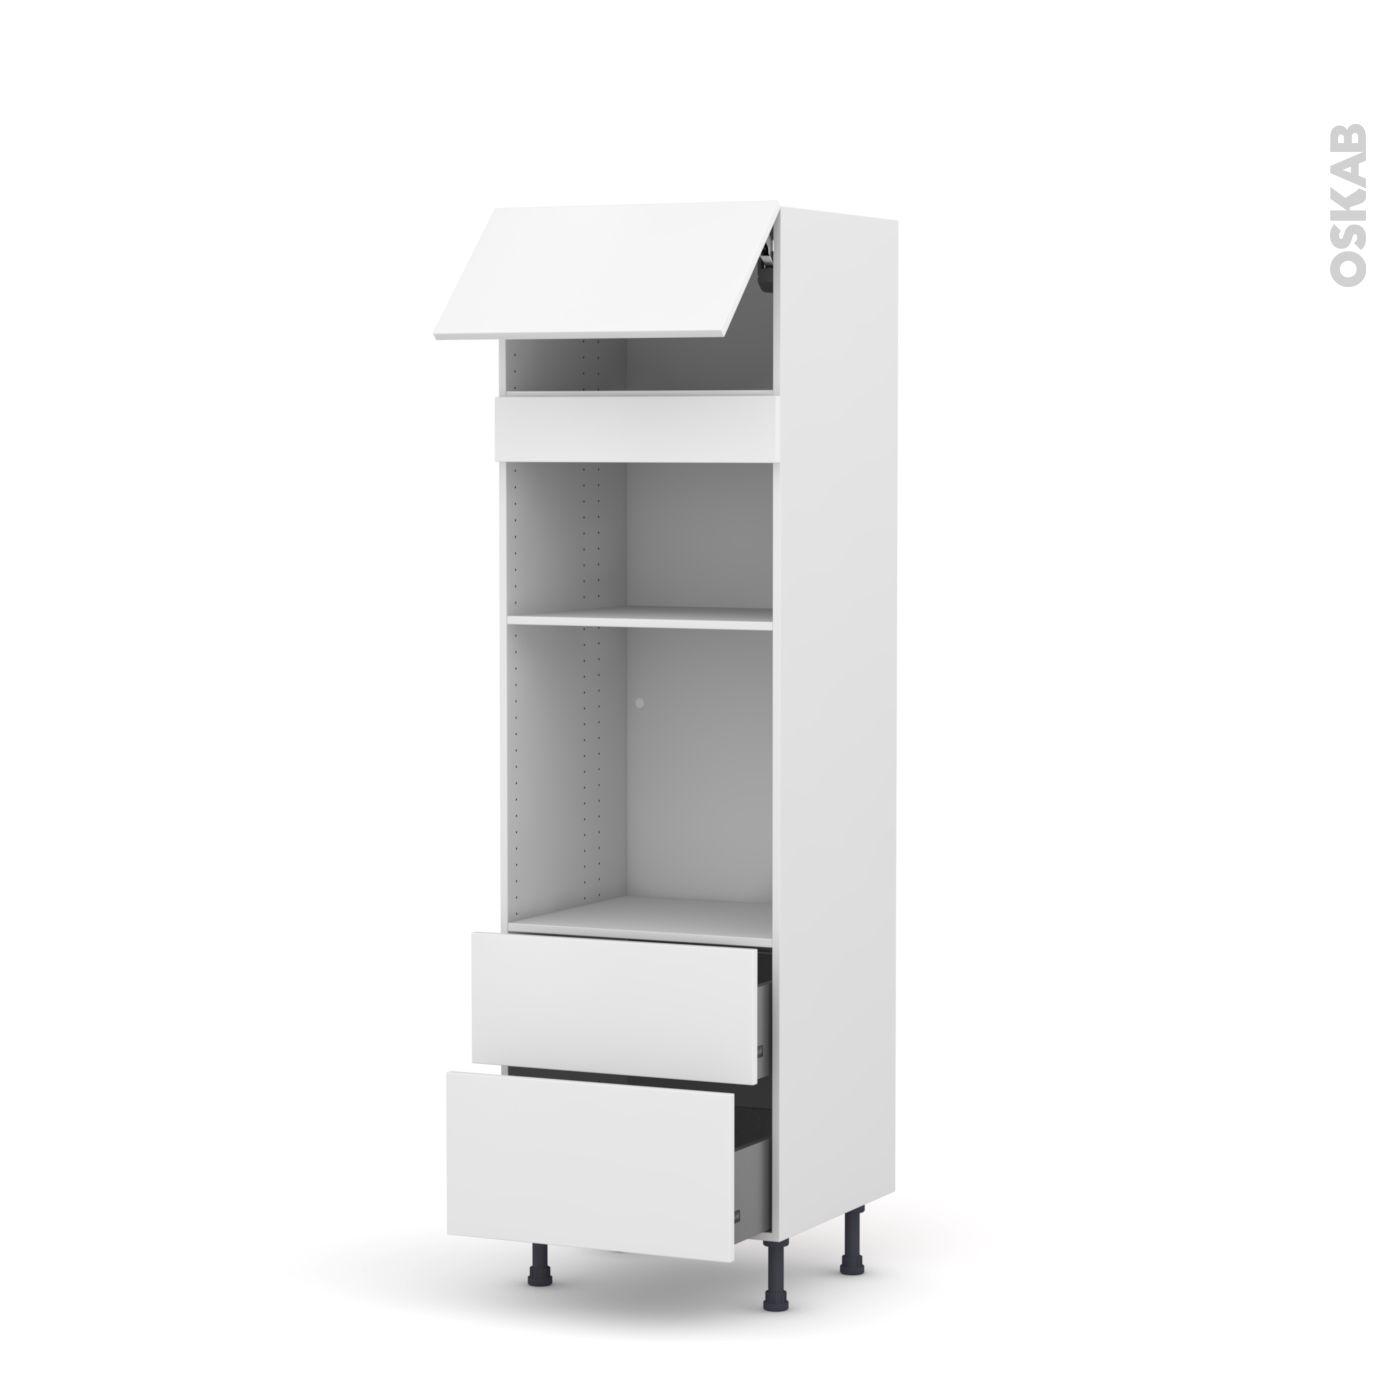 colonne de cuisine n°1058 fourmo encastrable niche 3638